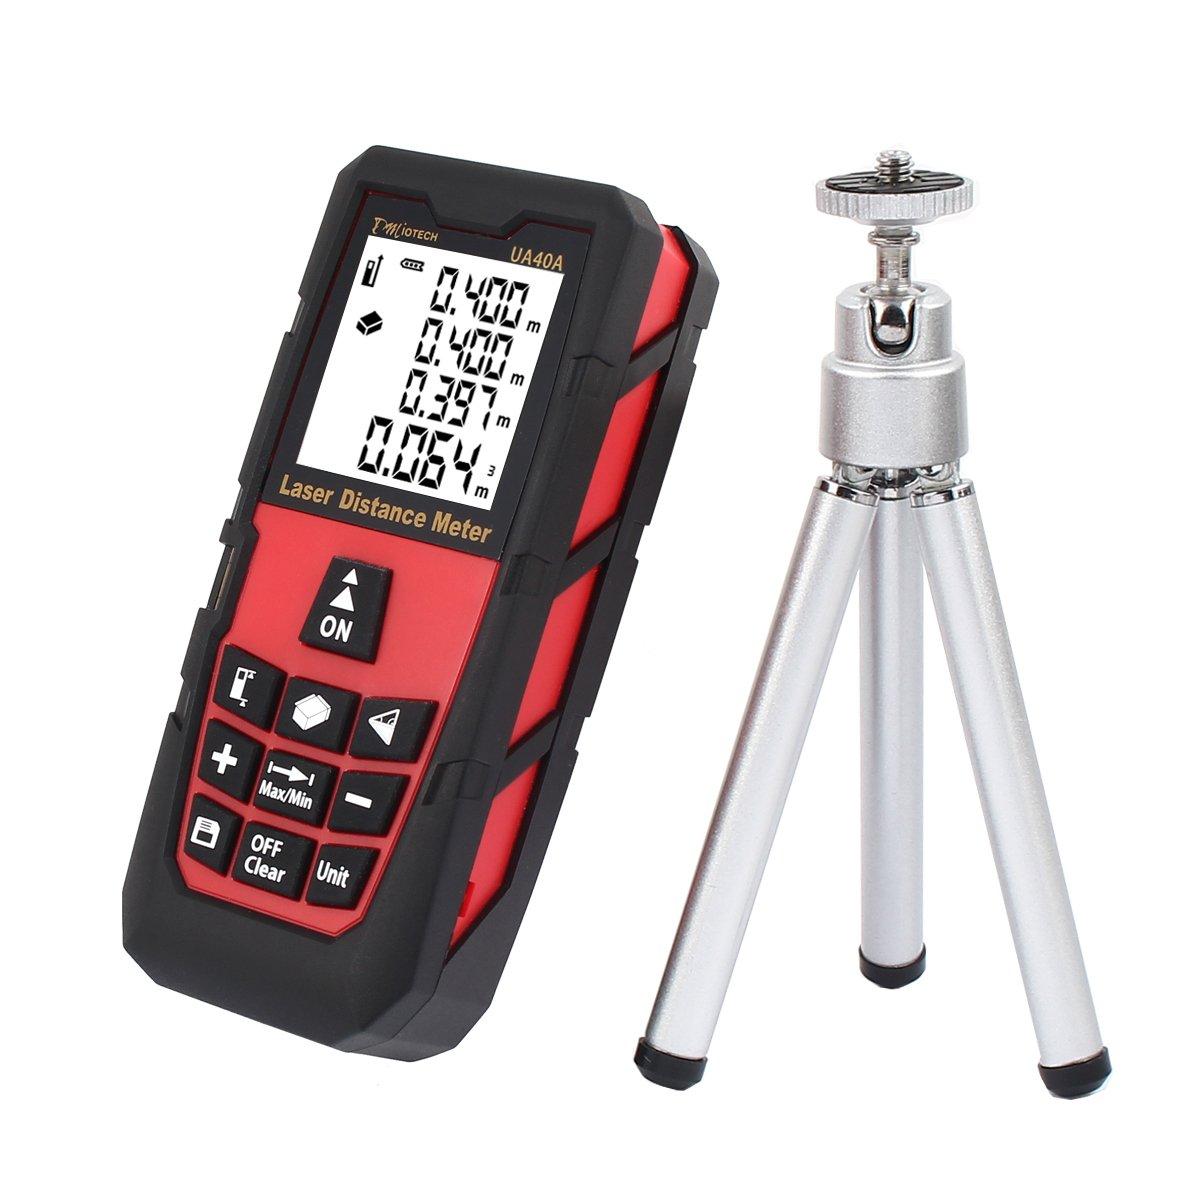 DMiotech Laser Distance Measure 131ft 40m Mini Handheld Digital Laser Distance Meter Rangefinder Measurer Tape Red with Tripod